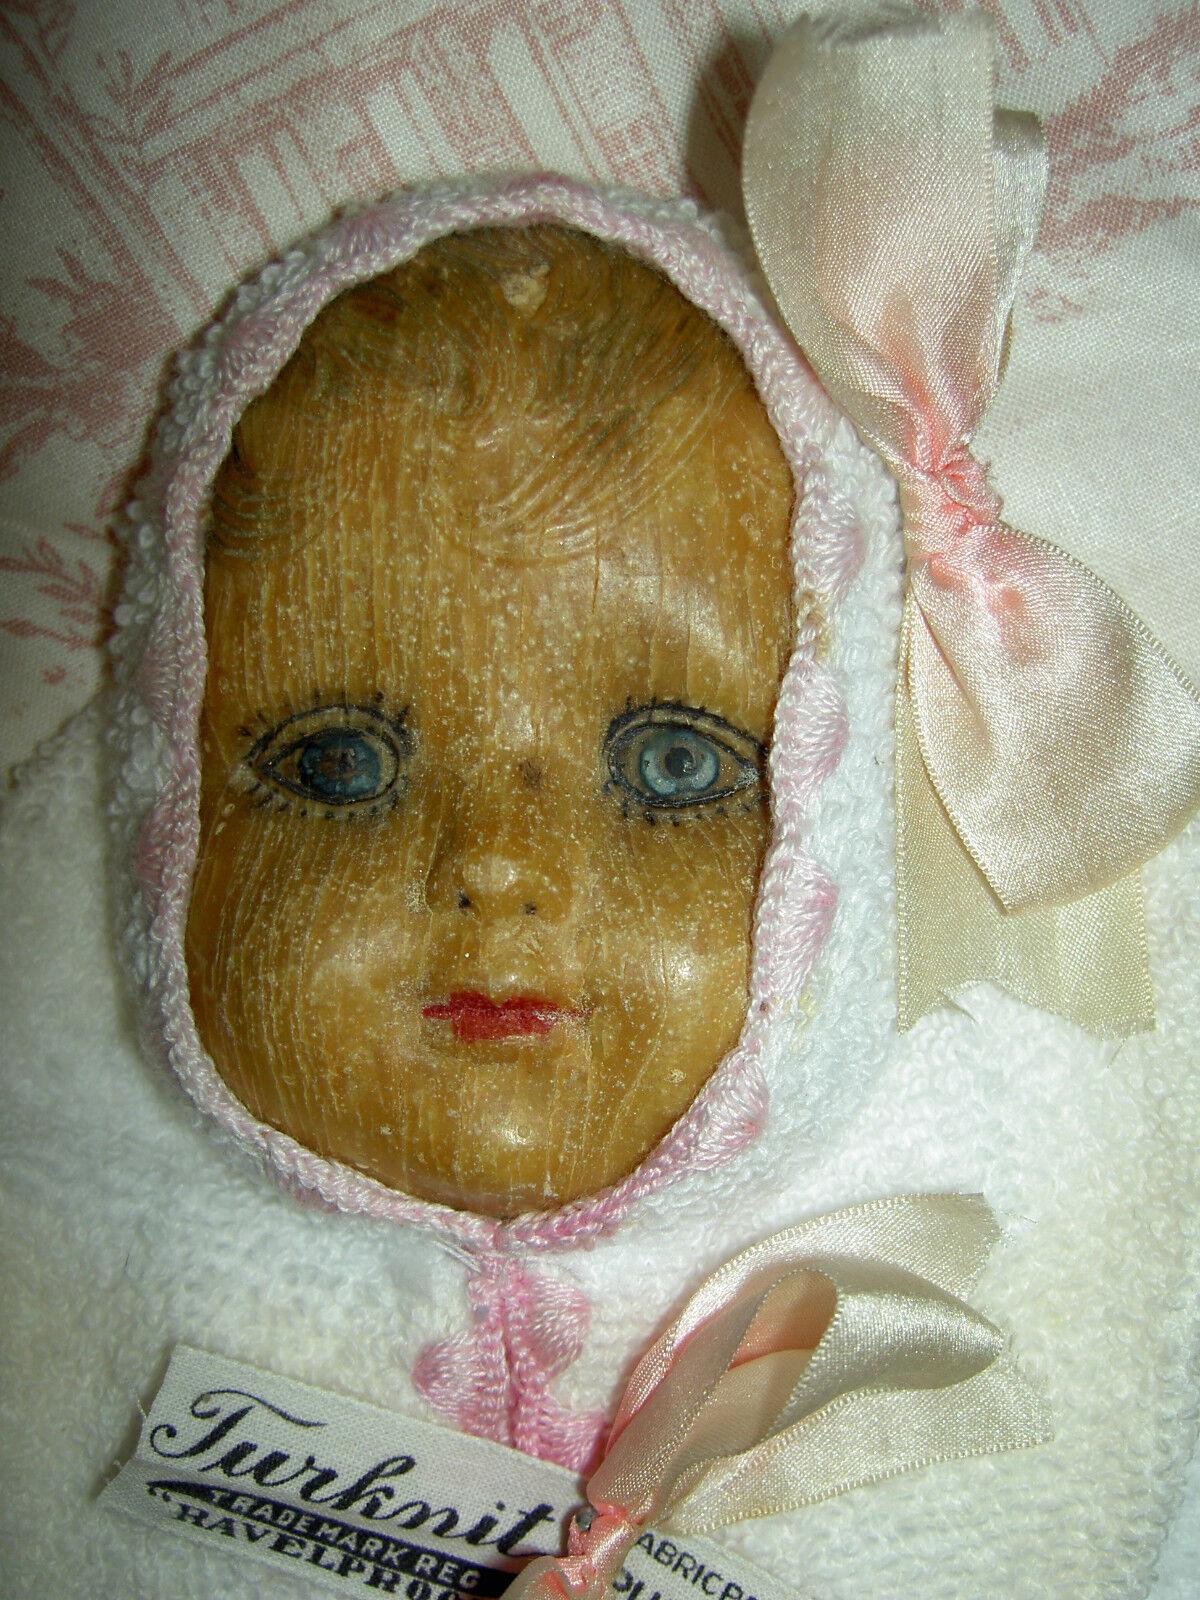 Extremamujerte raro, 1907 etiquetada, menta en caja Muñeca De Jabón Antiguo Cara de Bebé Cabeza & PAÑO DE LAVADO